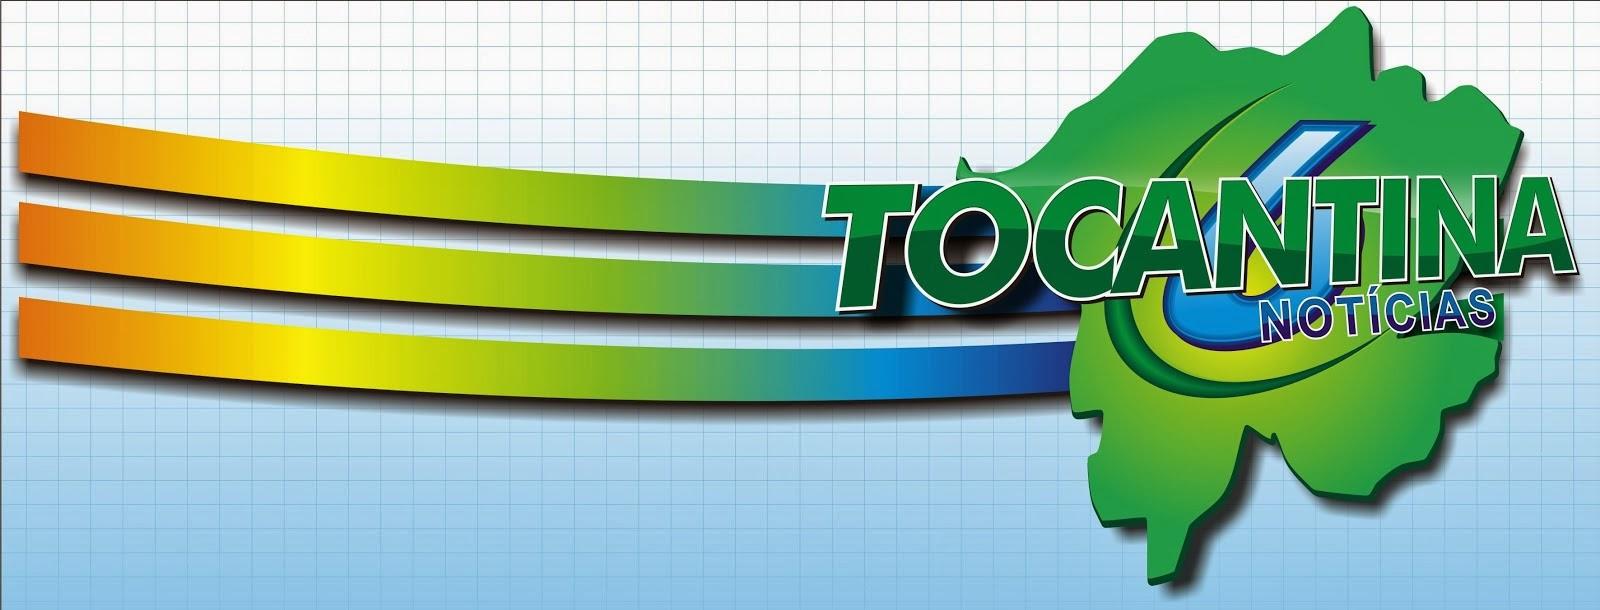 Tocantina Notícias